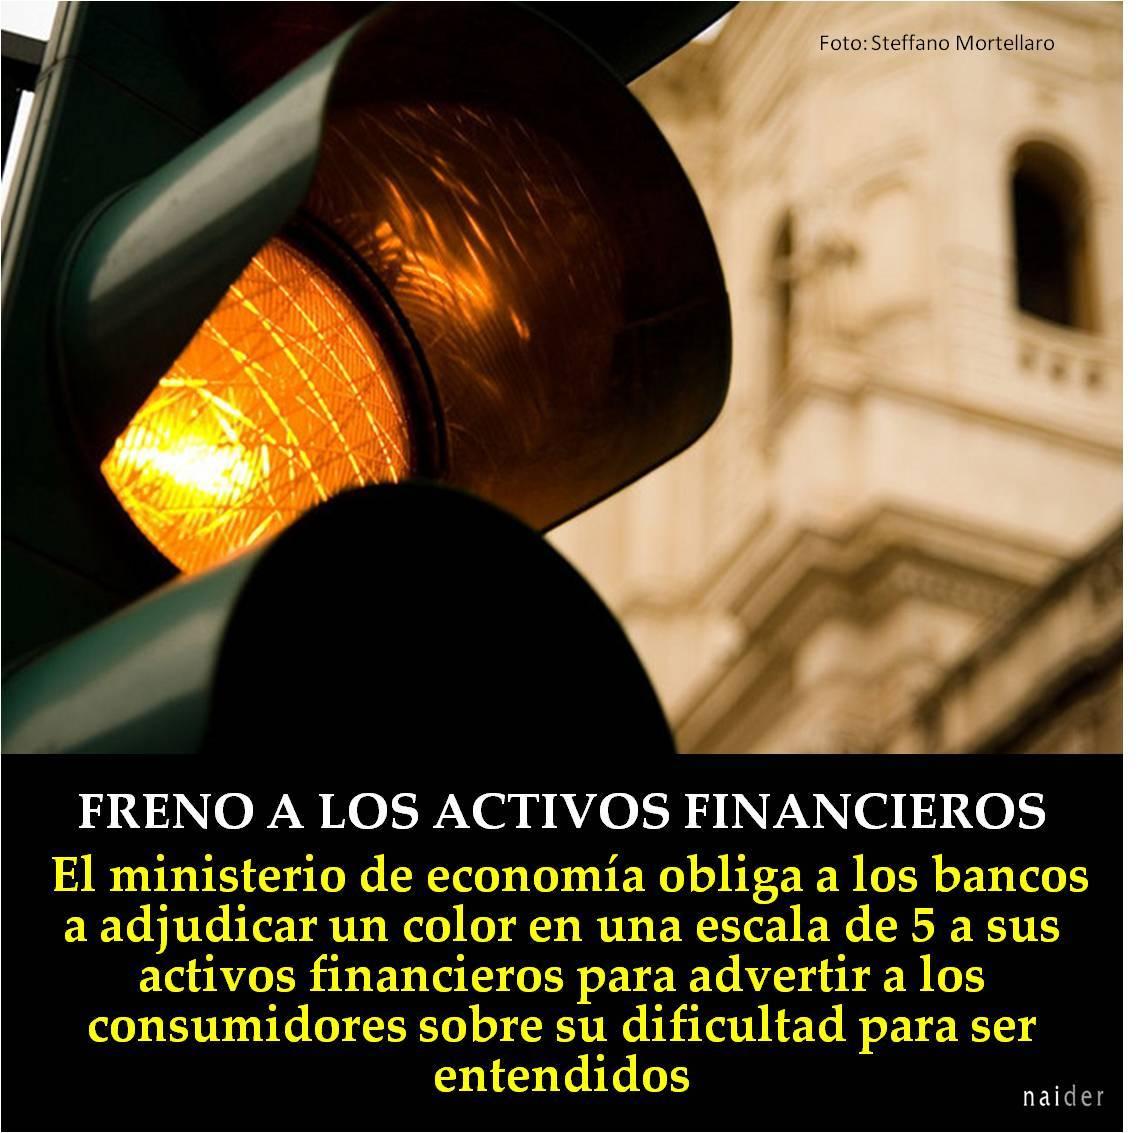 Freno a los activos financieros